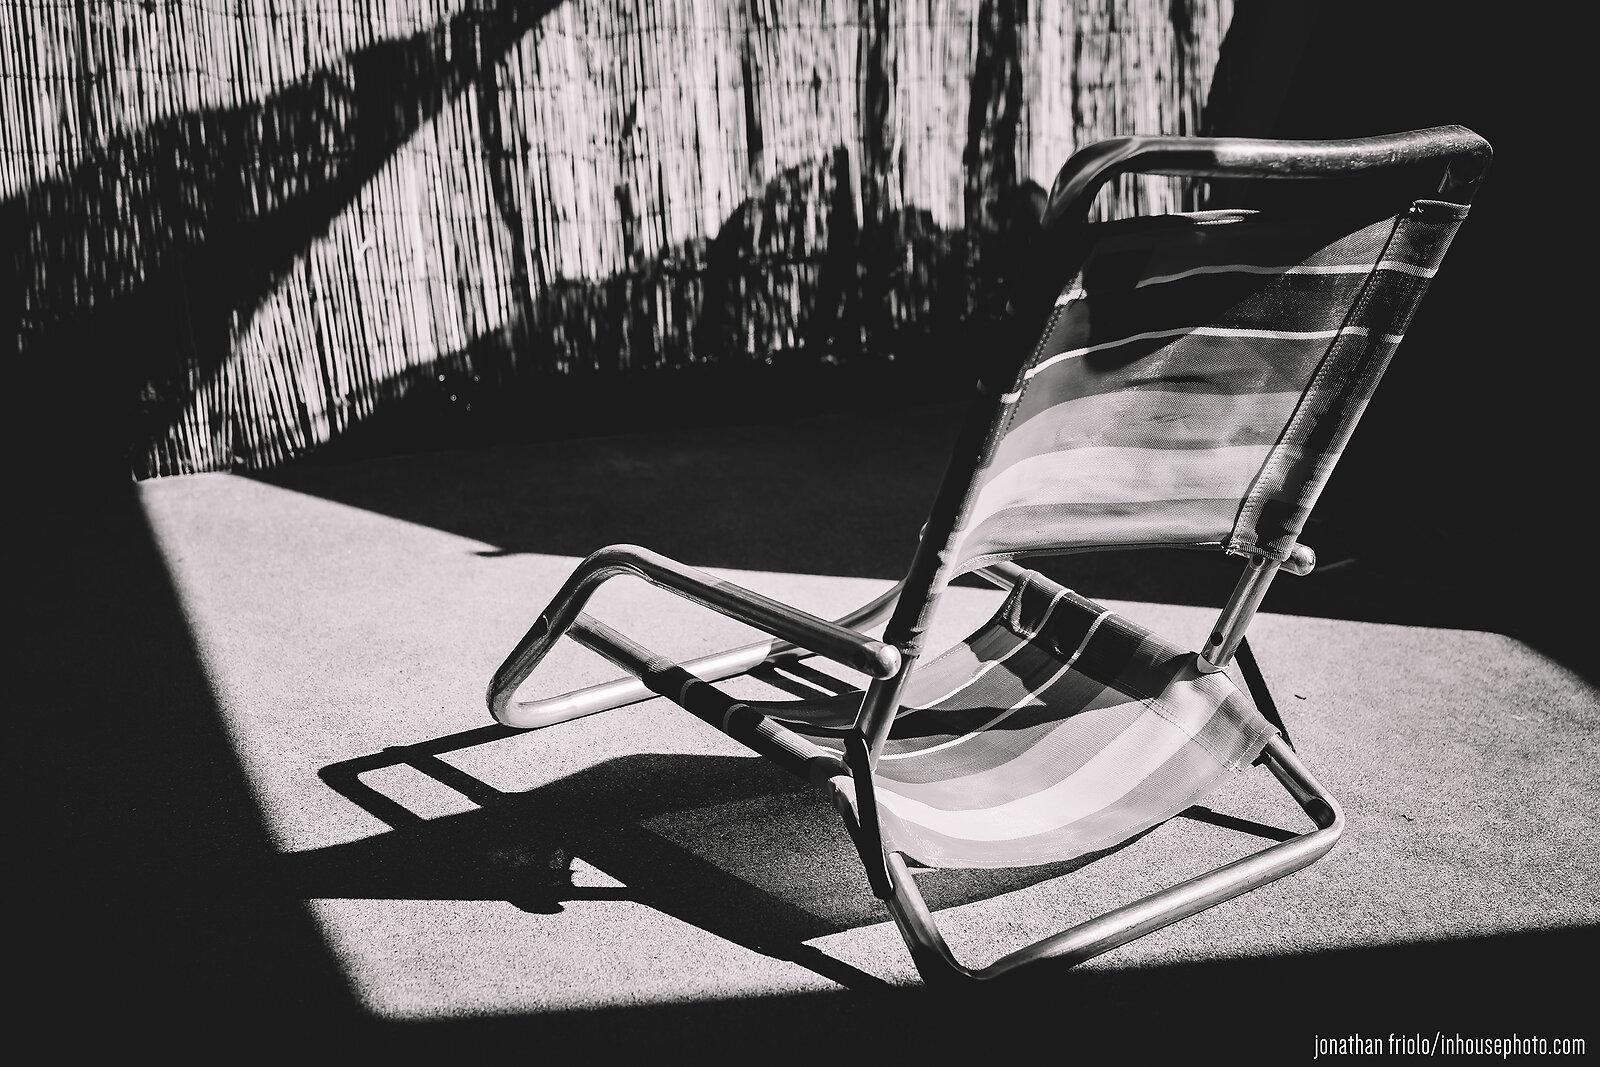 backyard_lawn_chair.jpg